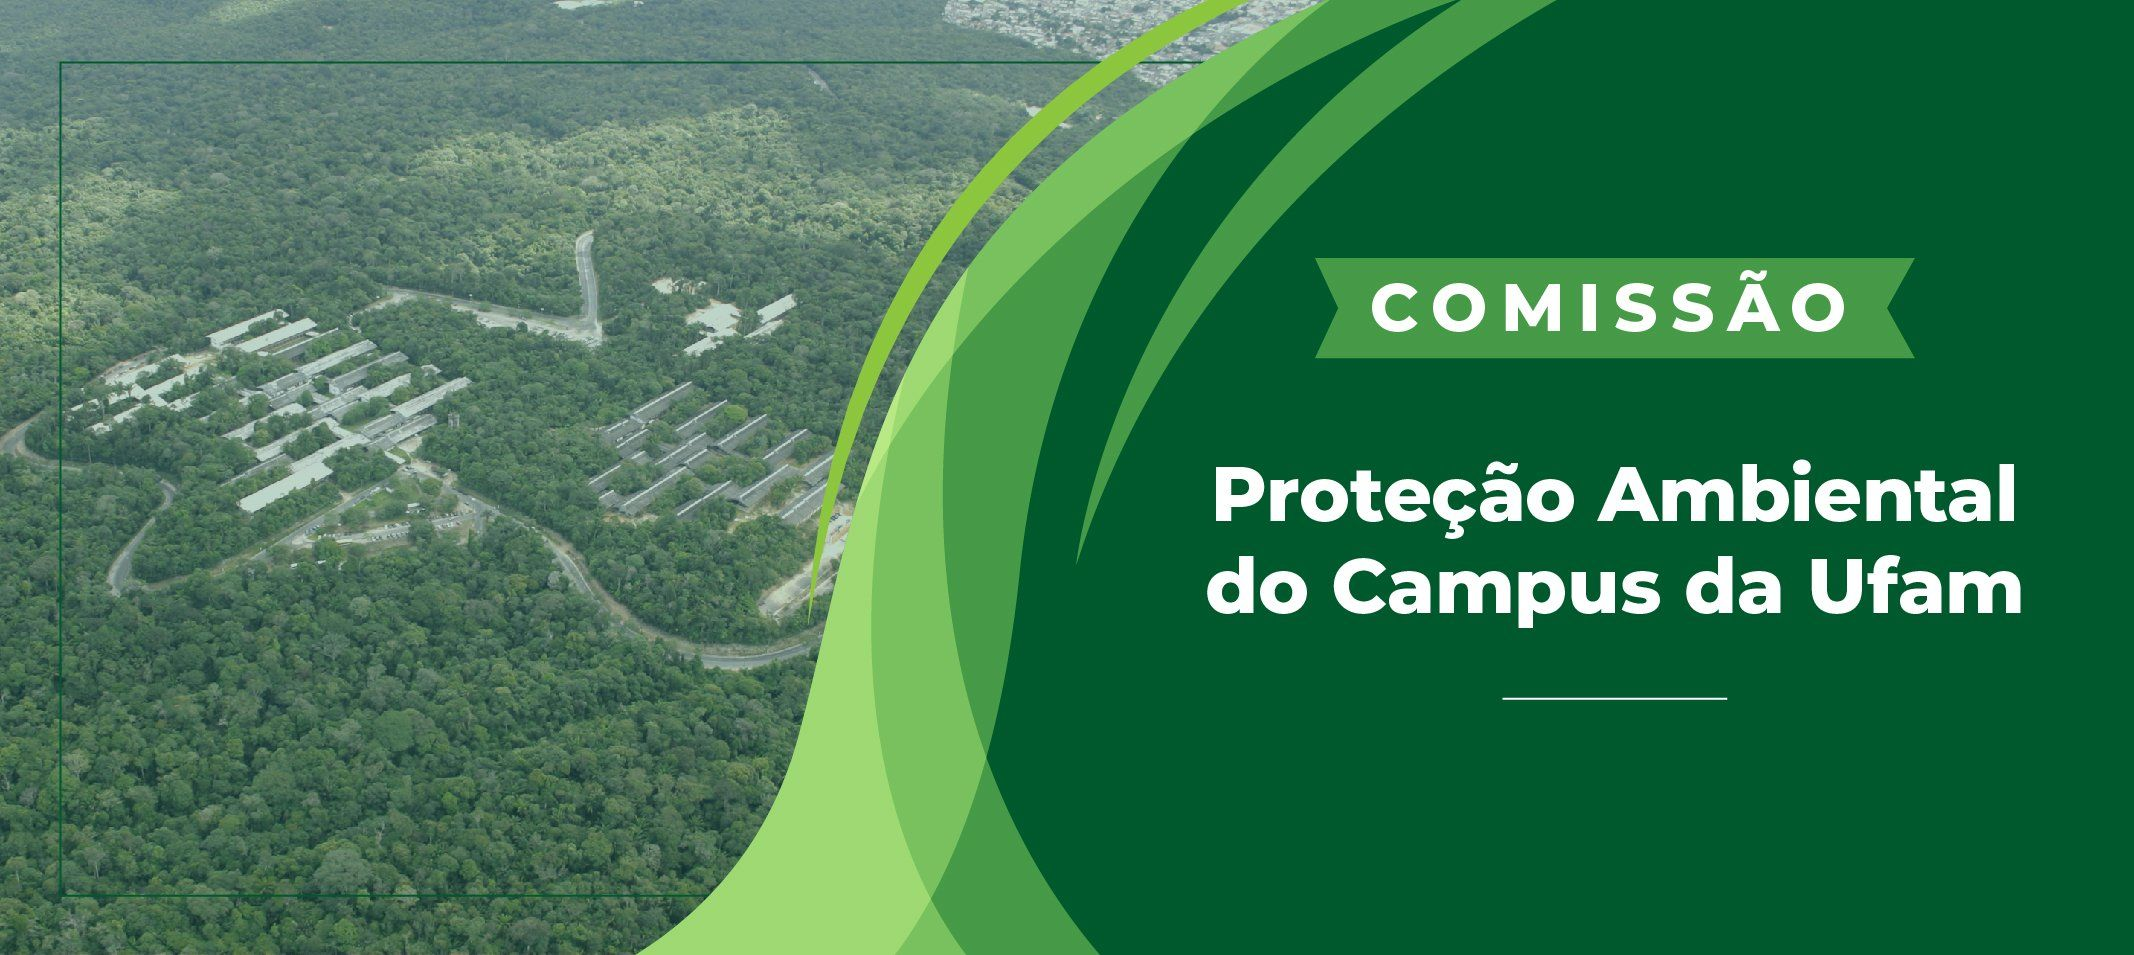 Ufam cria Comissão para discutir proteção ambiental do Campus